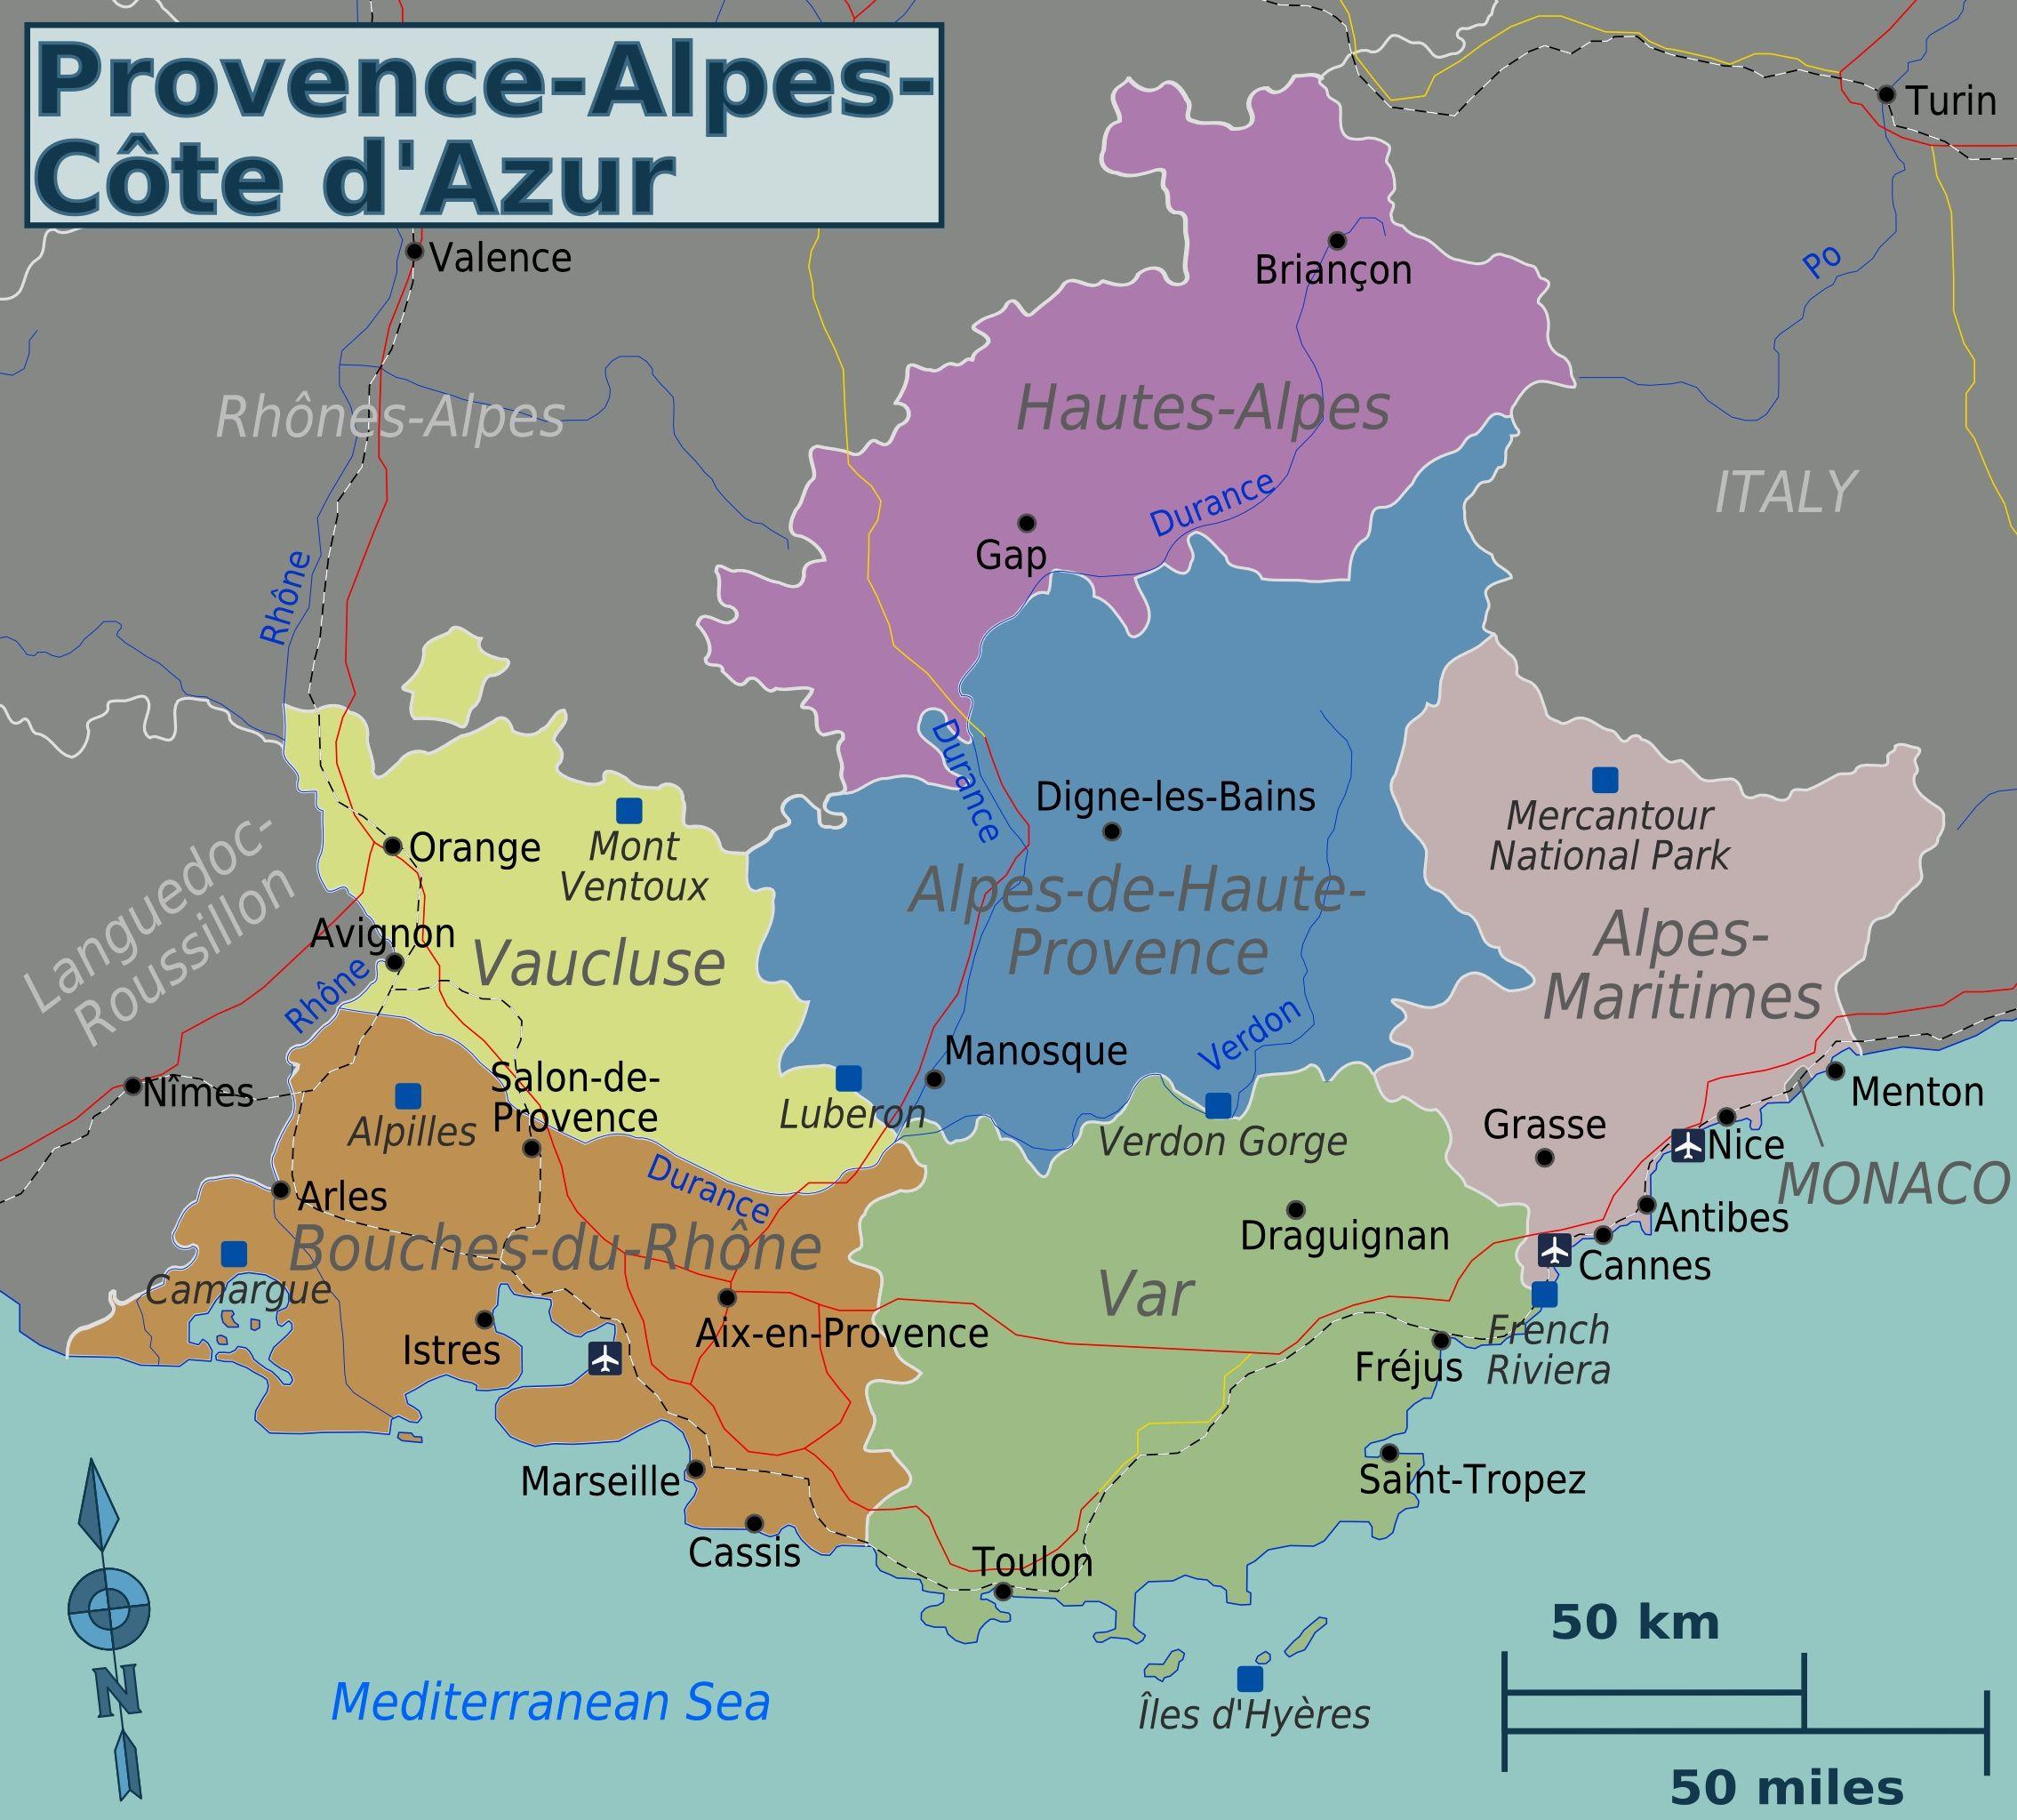 Monaco French Riviera 1261 Beautiful City Beach Monaco Para Obtener Informacion Acceda A Nuestro Sitio Vacation Recetas With Images France Map Provence Map